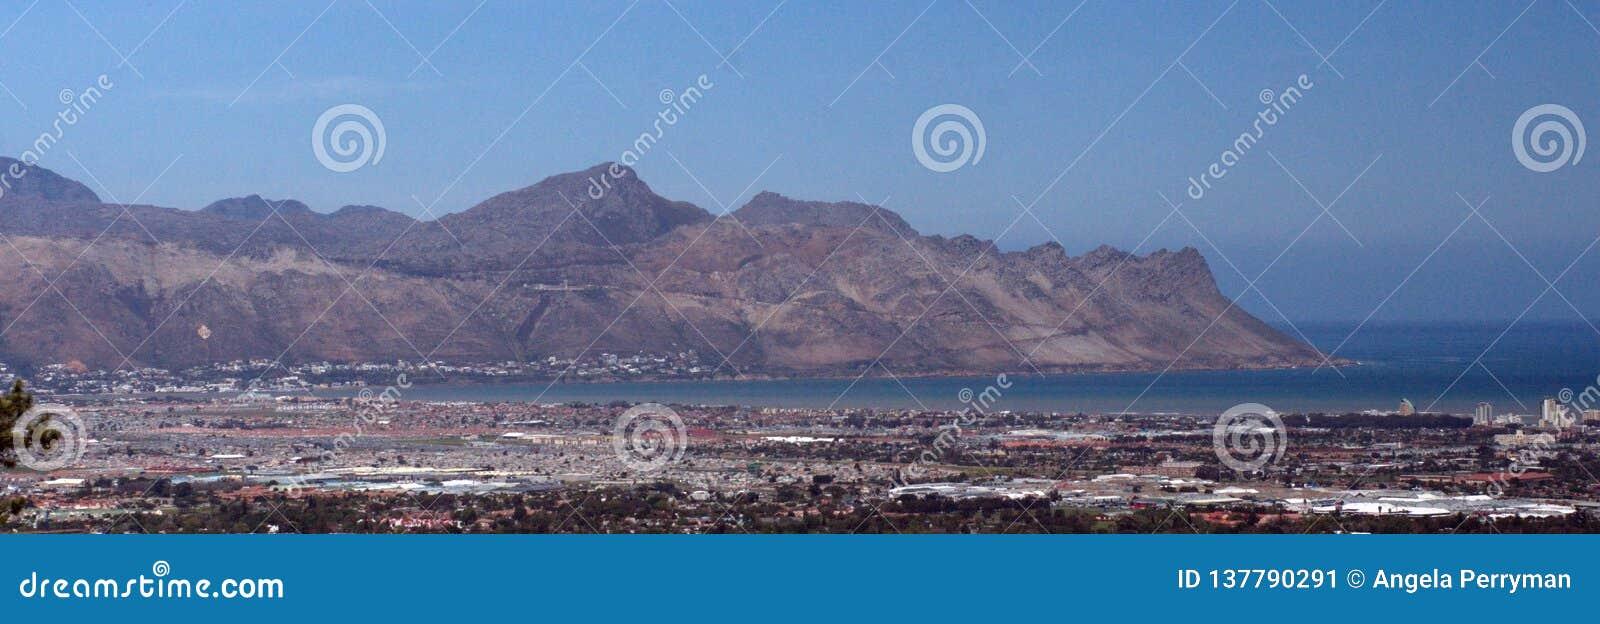 Panoramisch van Bundel, Zuid-Afrika